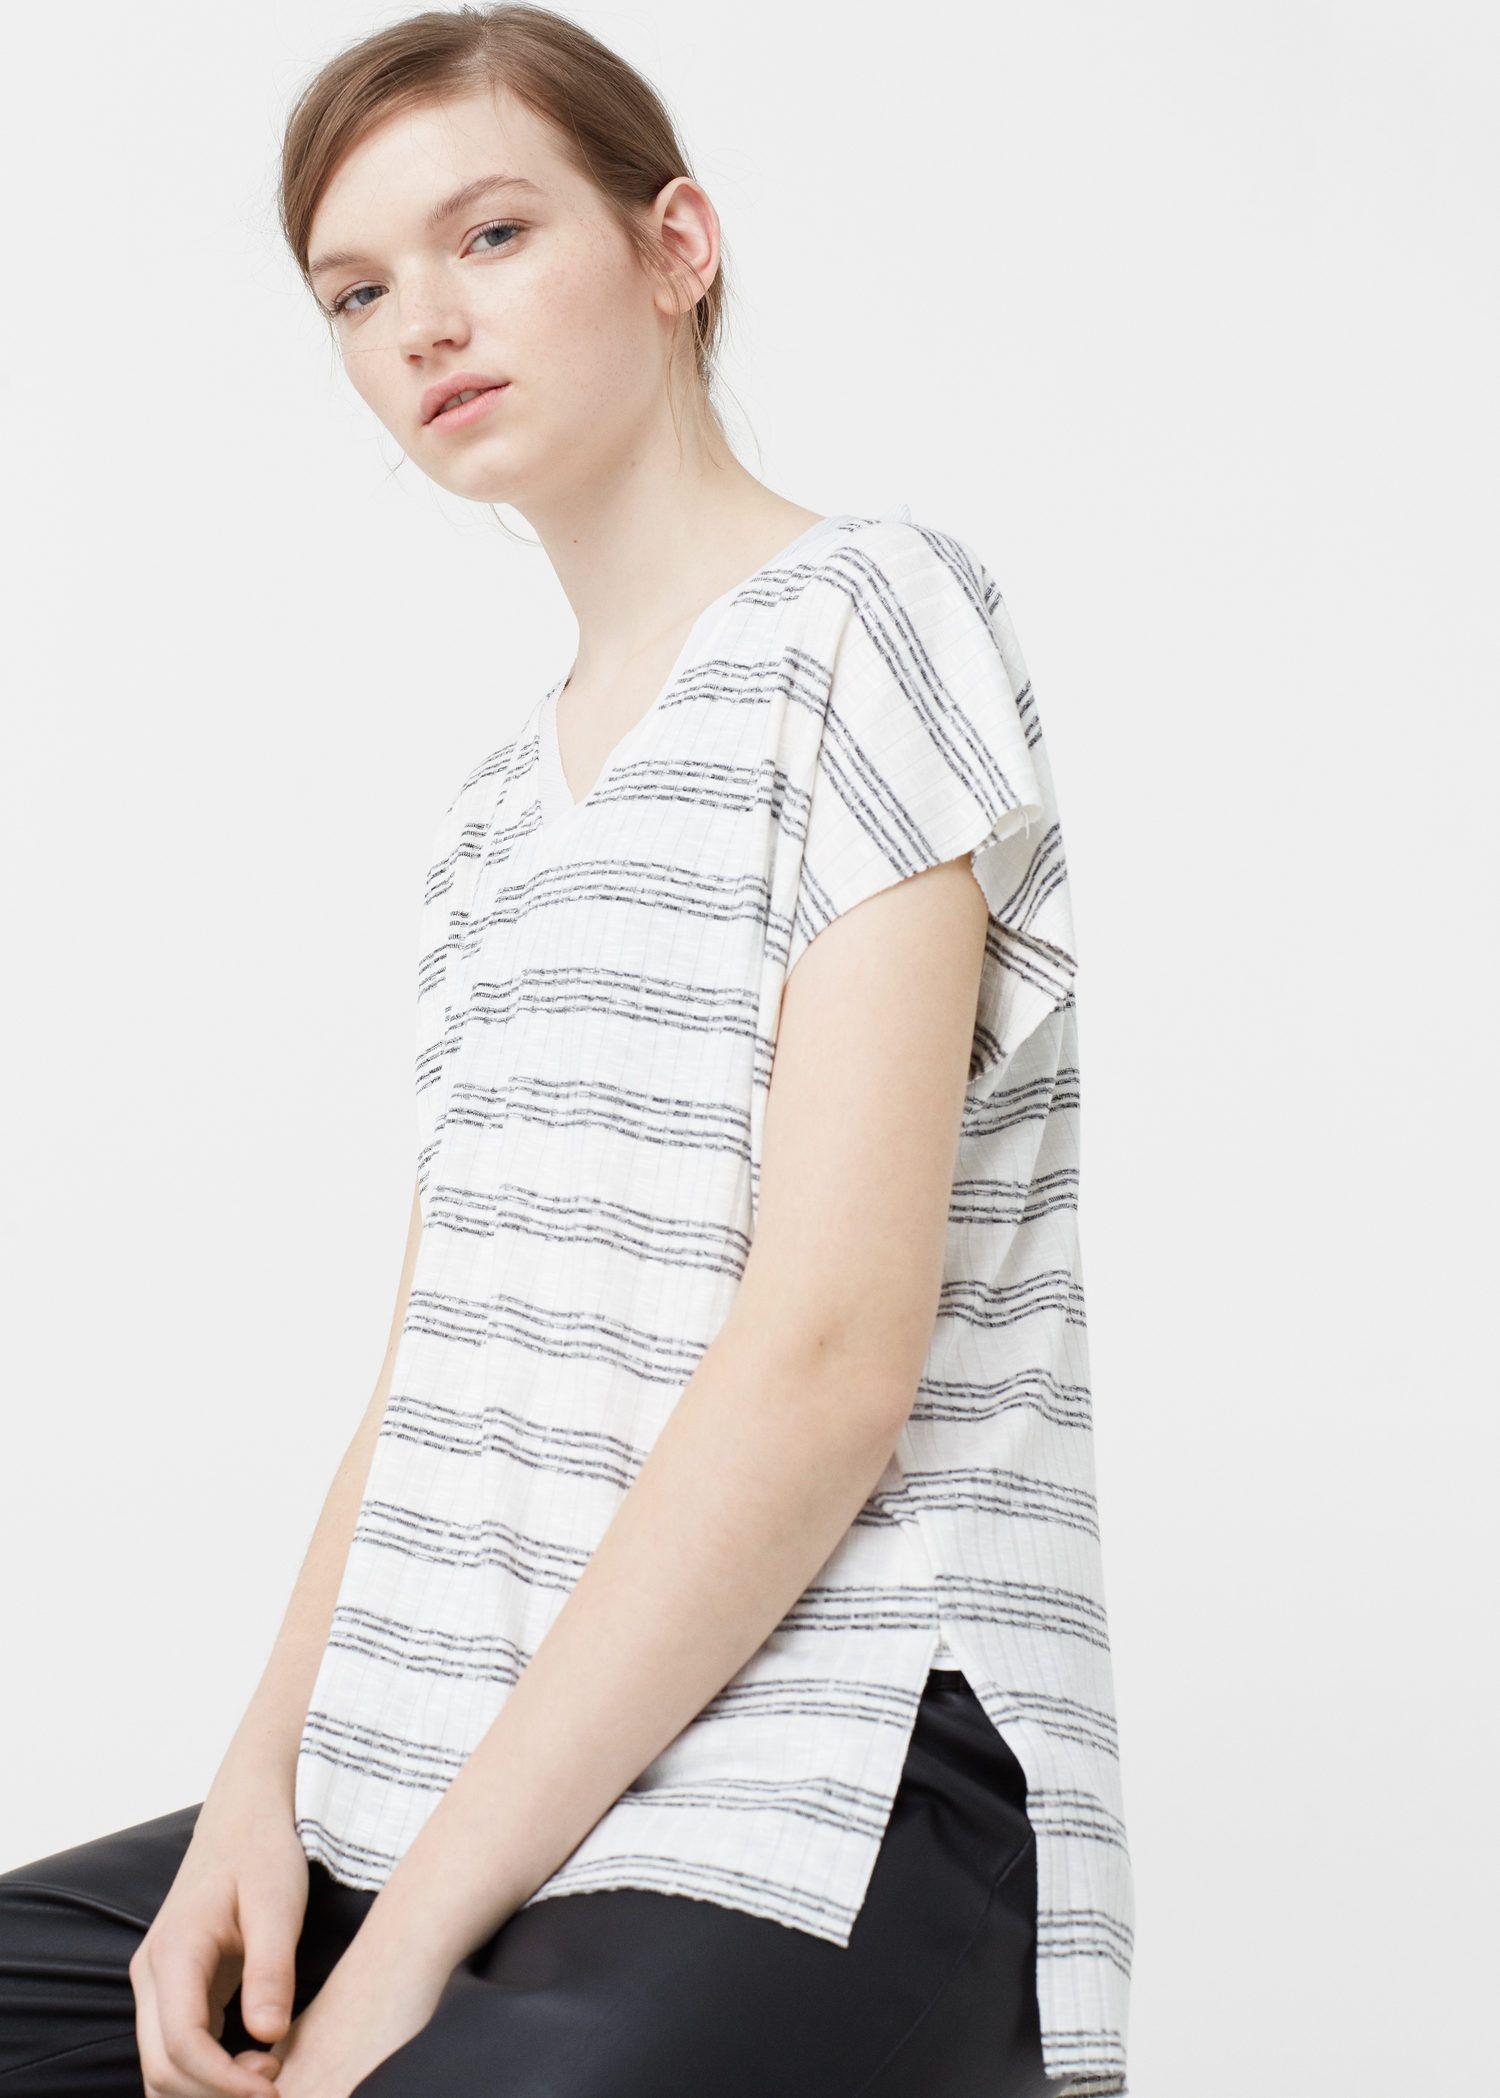 Camiseta rayas - Mujer | MANGO España